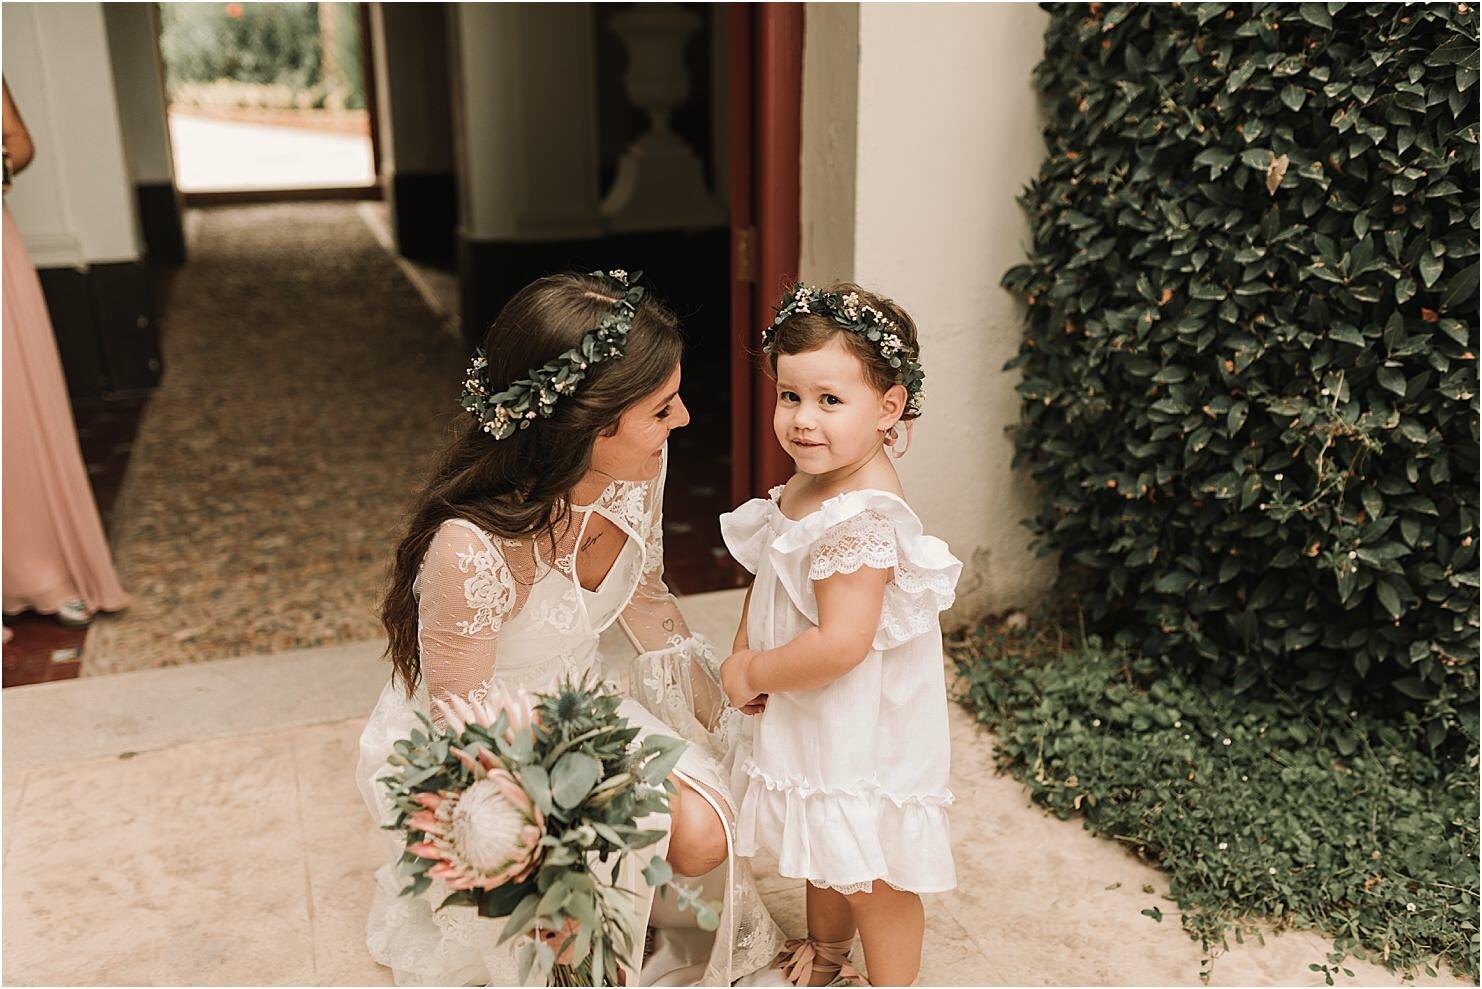 boda-boho-vestido-de-novia-boho-46.jpg